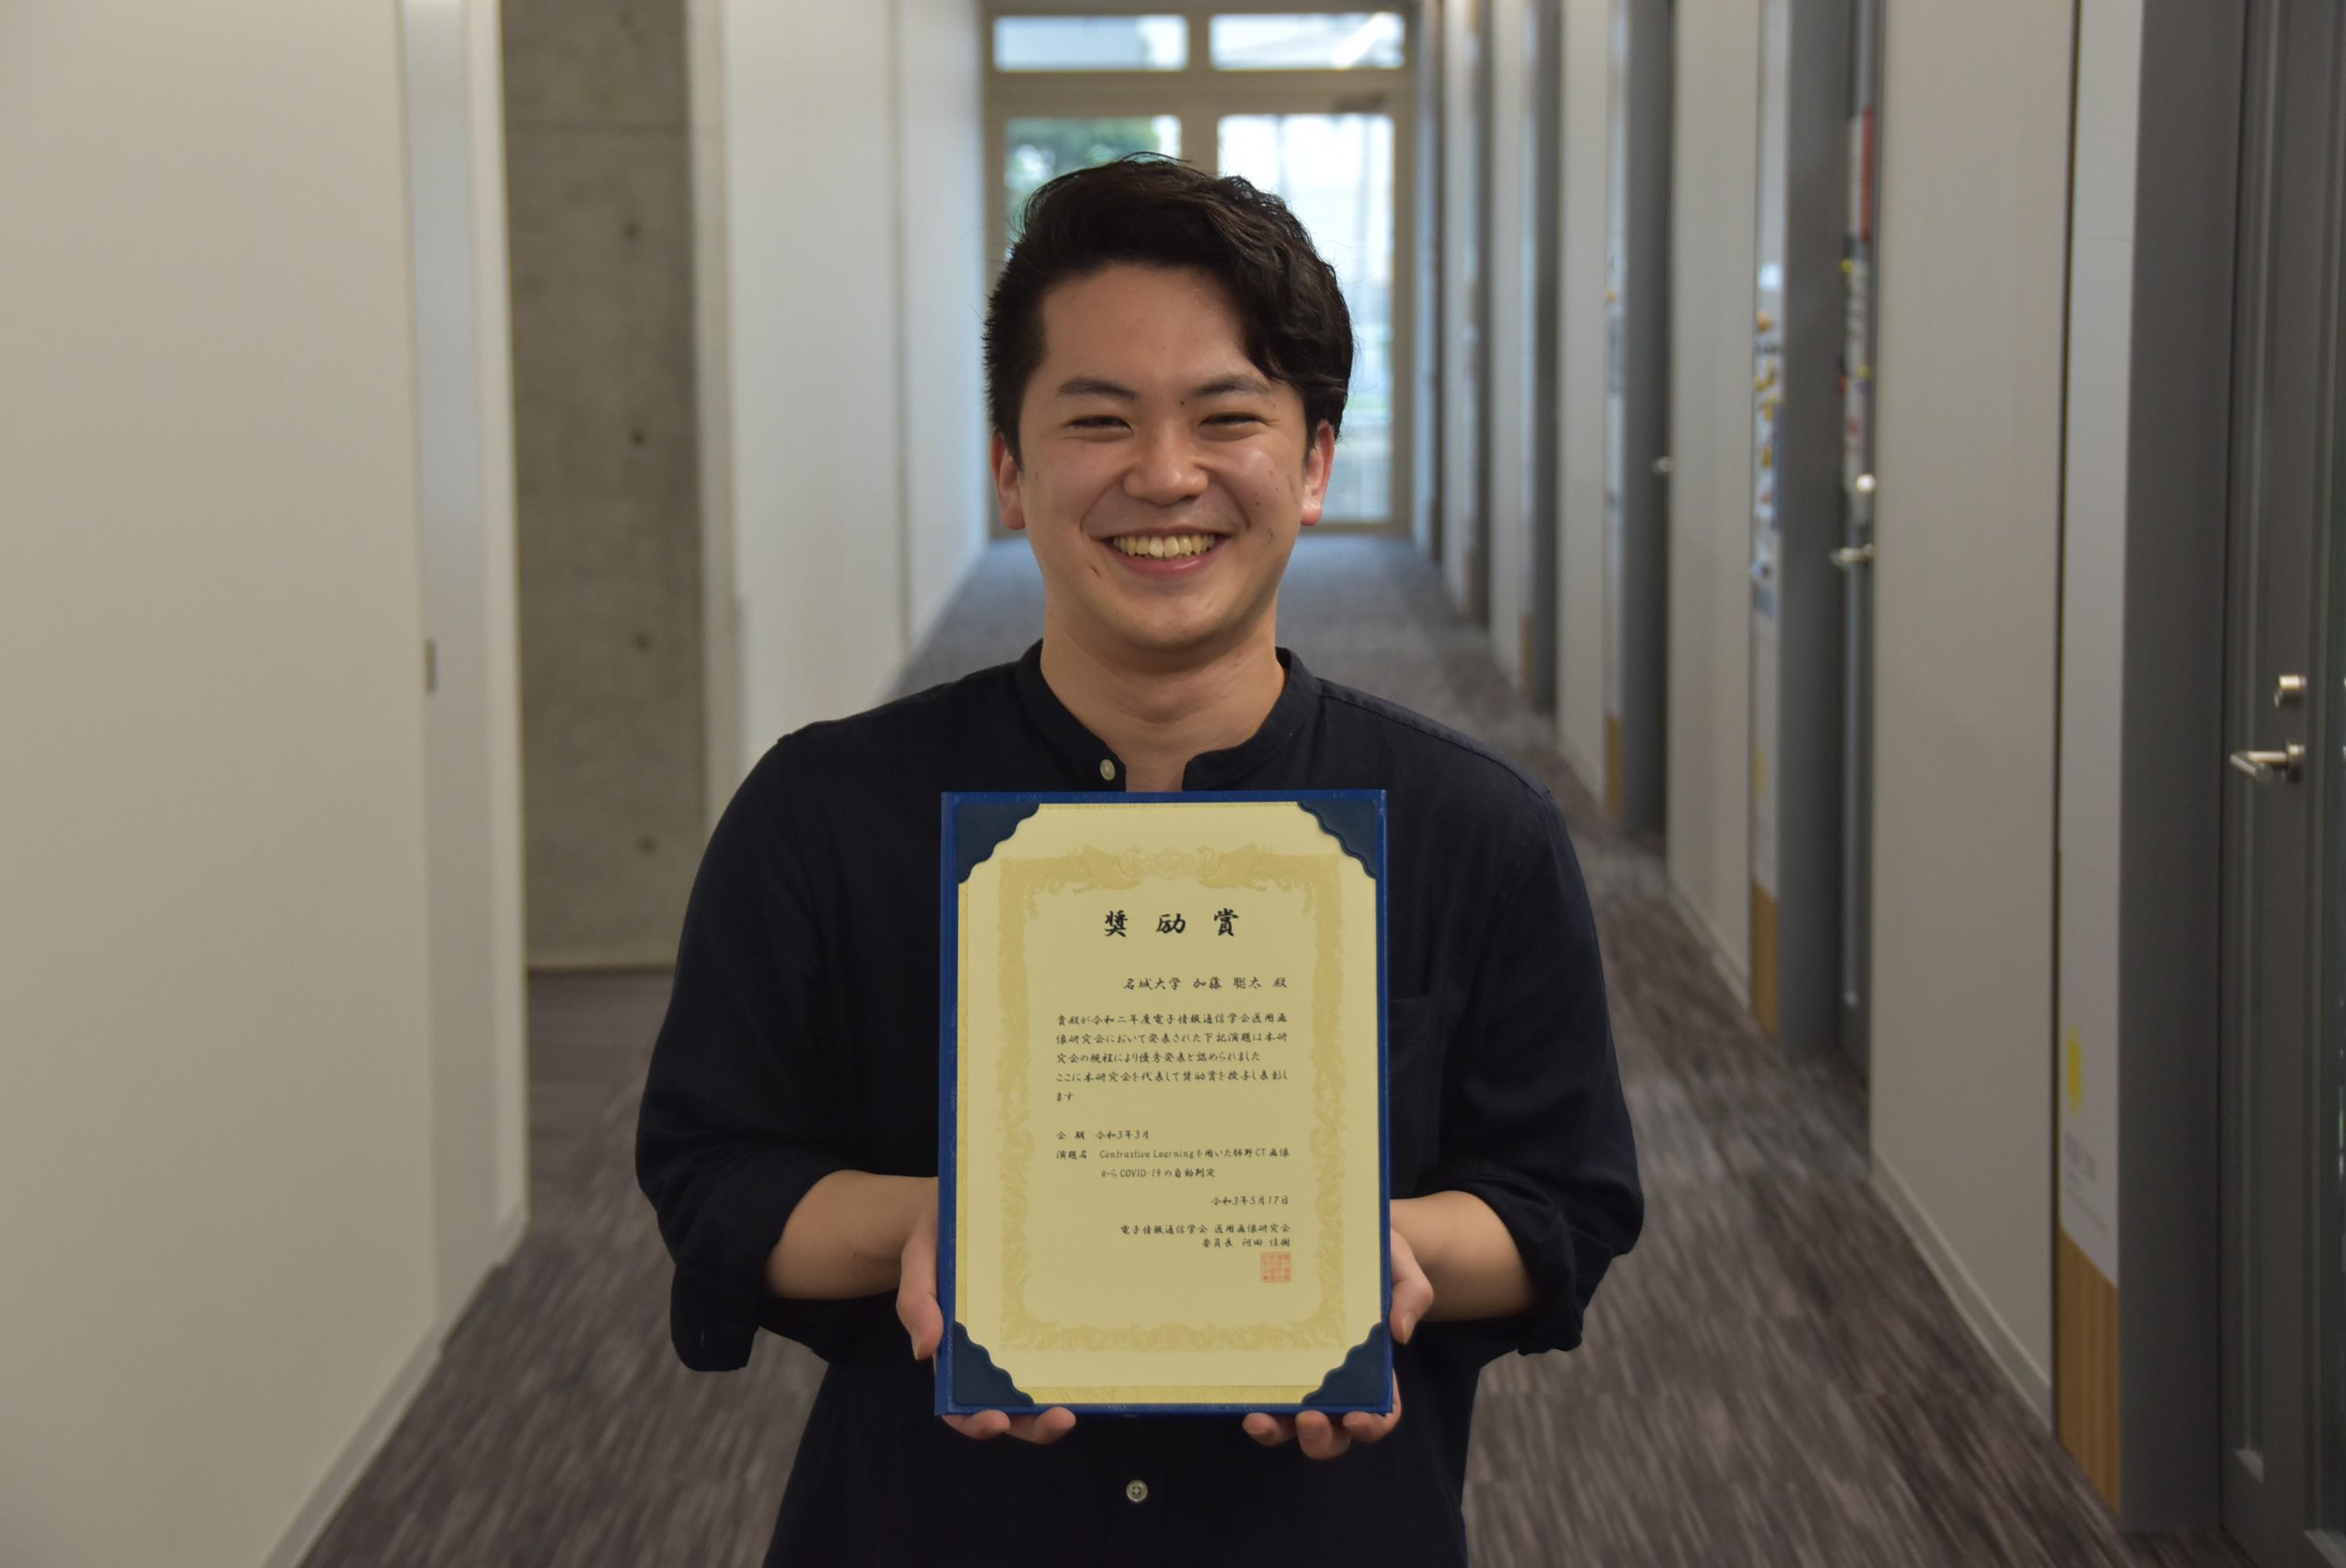 加藤聡太さん(理工学研究科 電気・情報・材料・物質工学専攻 博士後期課程 電気電子工学)